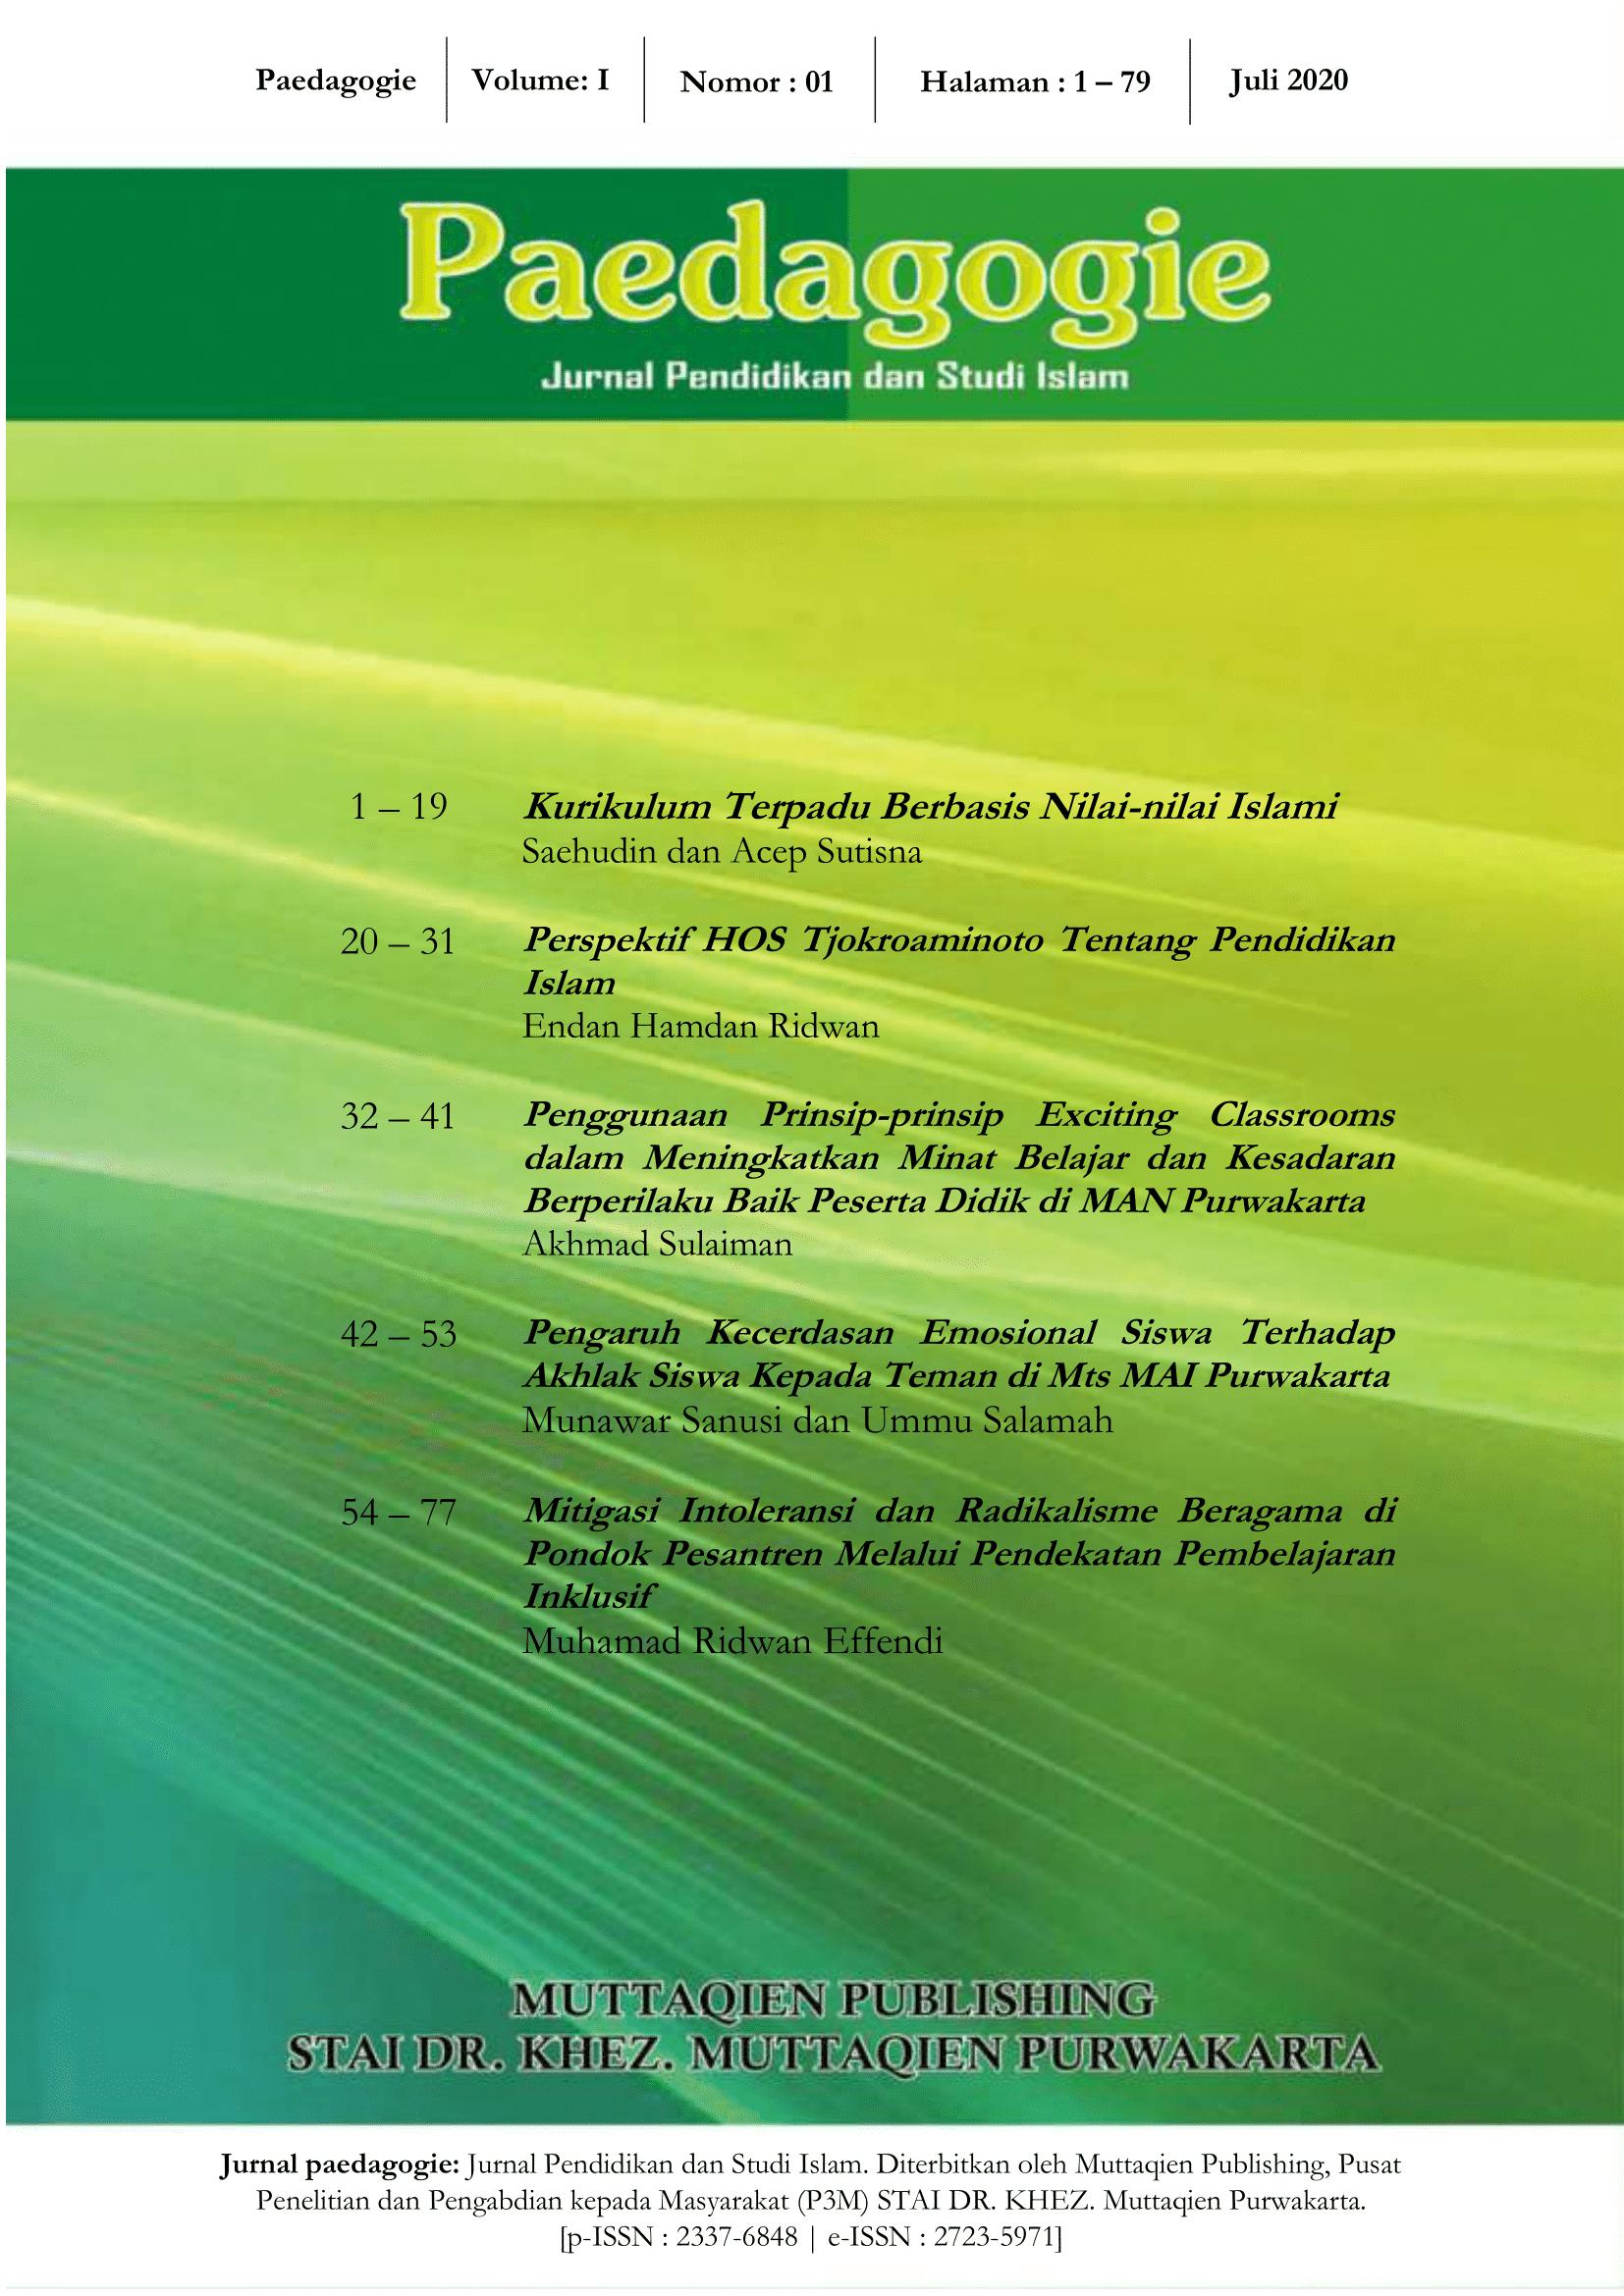 View Vol. 1 No. 1 (2020): Paedagogie; Jurnal Pendidikan dan Studi Islam, Volume 1 Nomor 1, Juli 2020